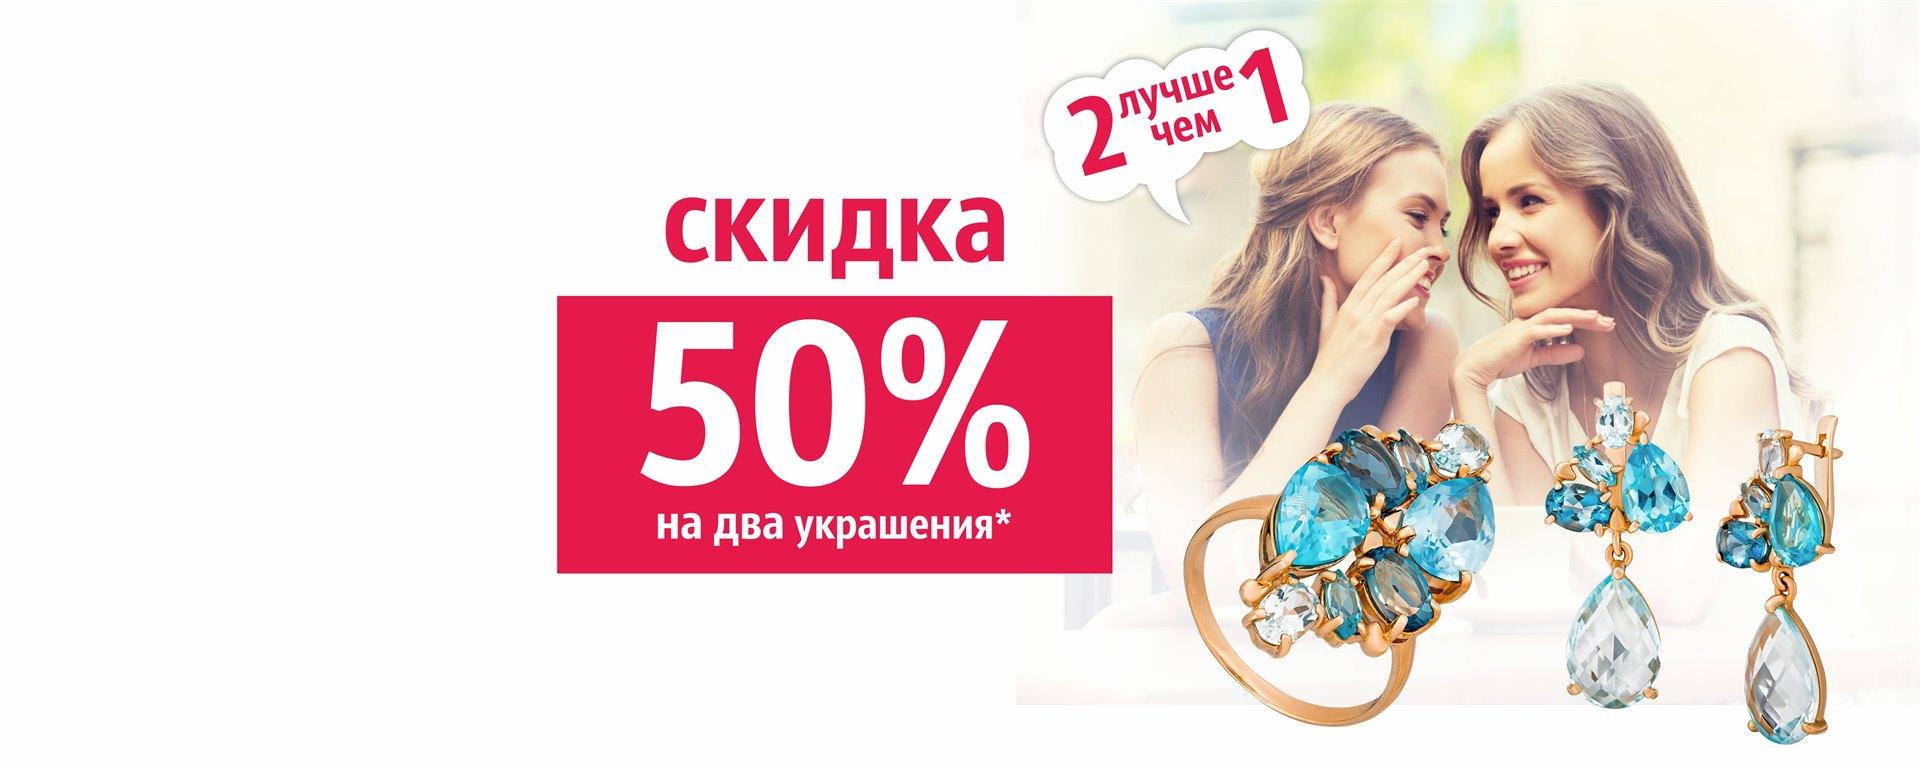 https://www.almazcom.ru/pub/img/Info/24/banner__na_glavnuyu_skidka_na_vtoroe.jpg